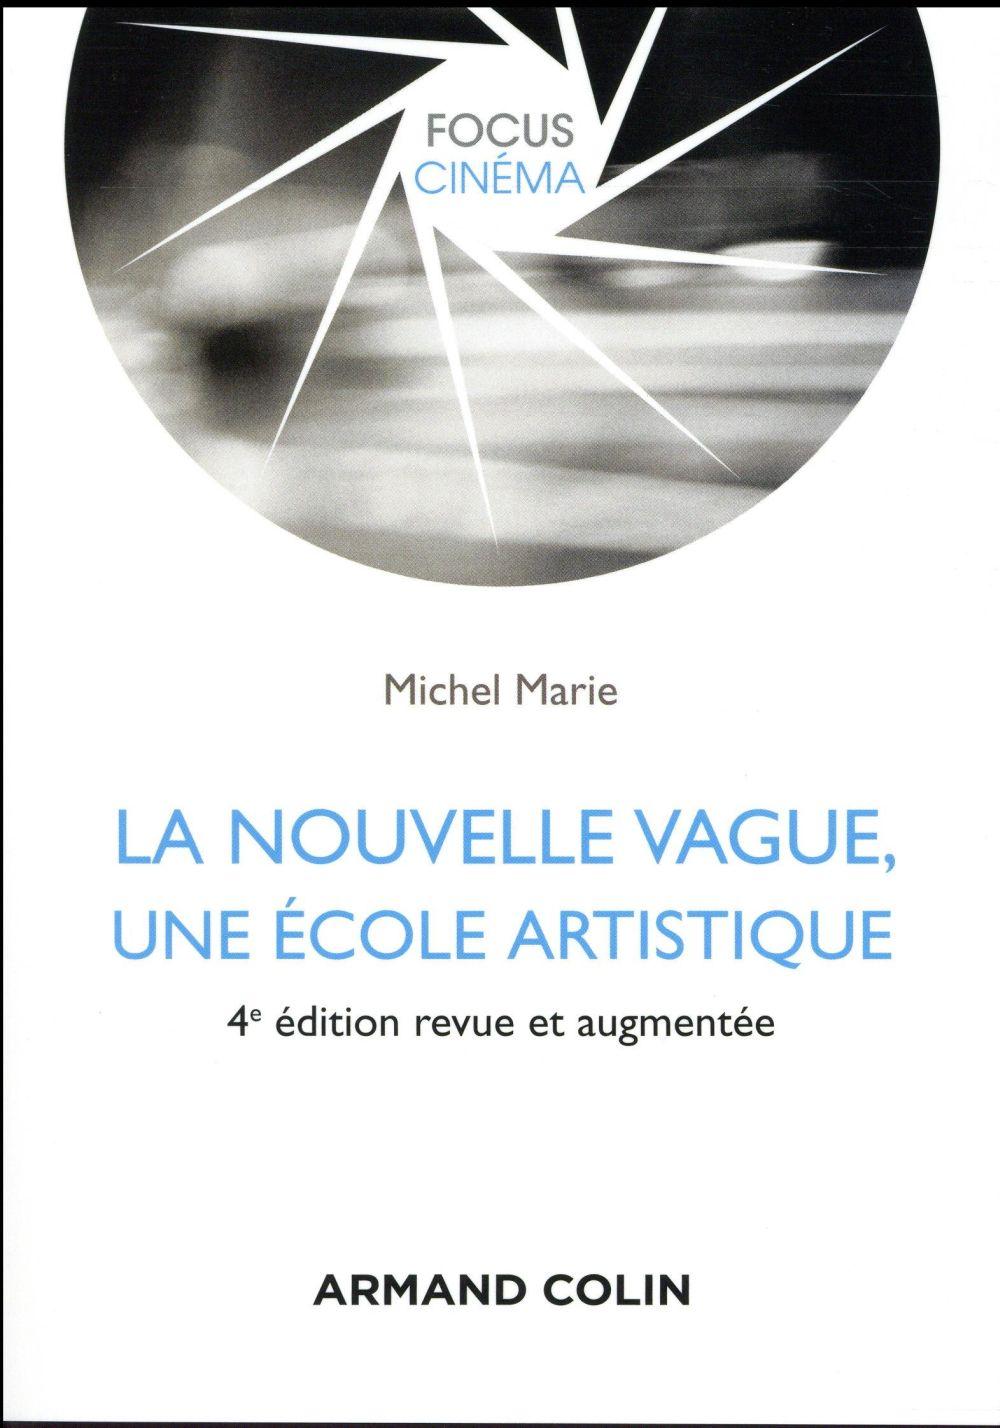 La nouvelle vague, une école artistique (4e édition)